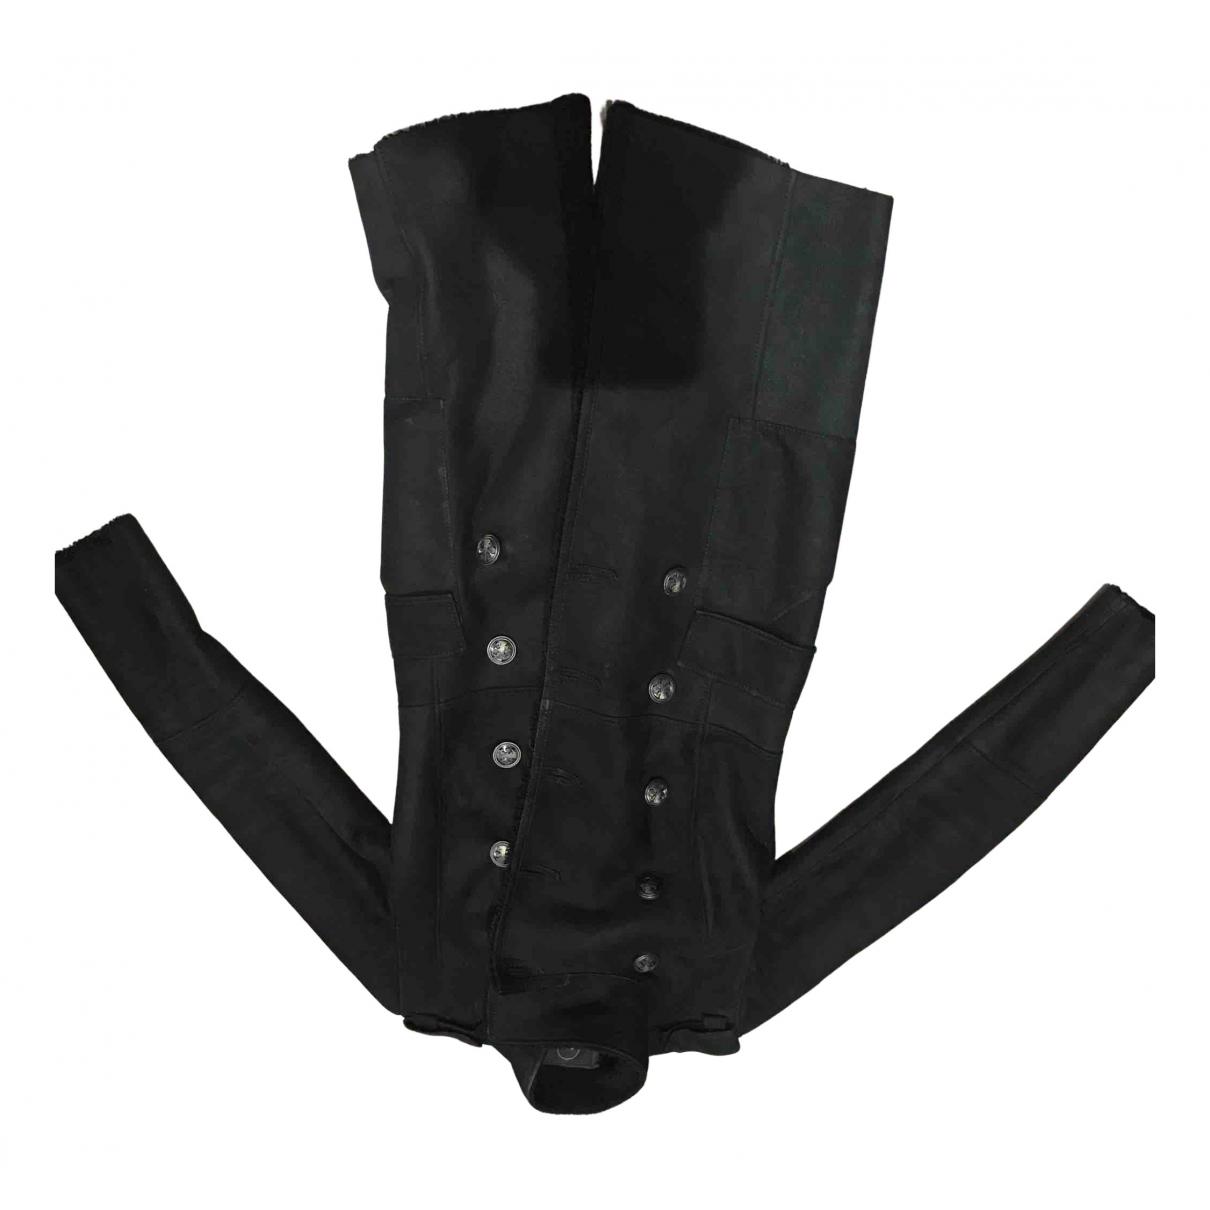 Sly010 - Manteau   pour femme en mouton - noir